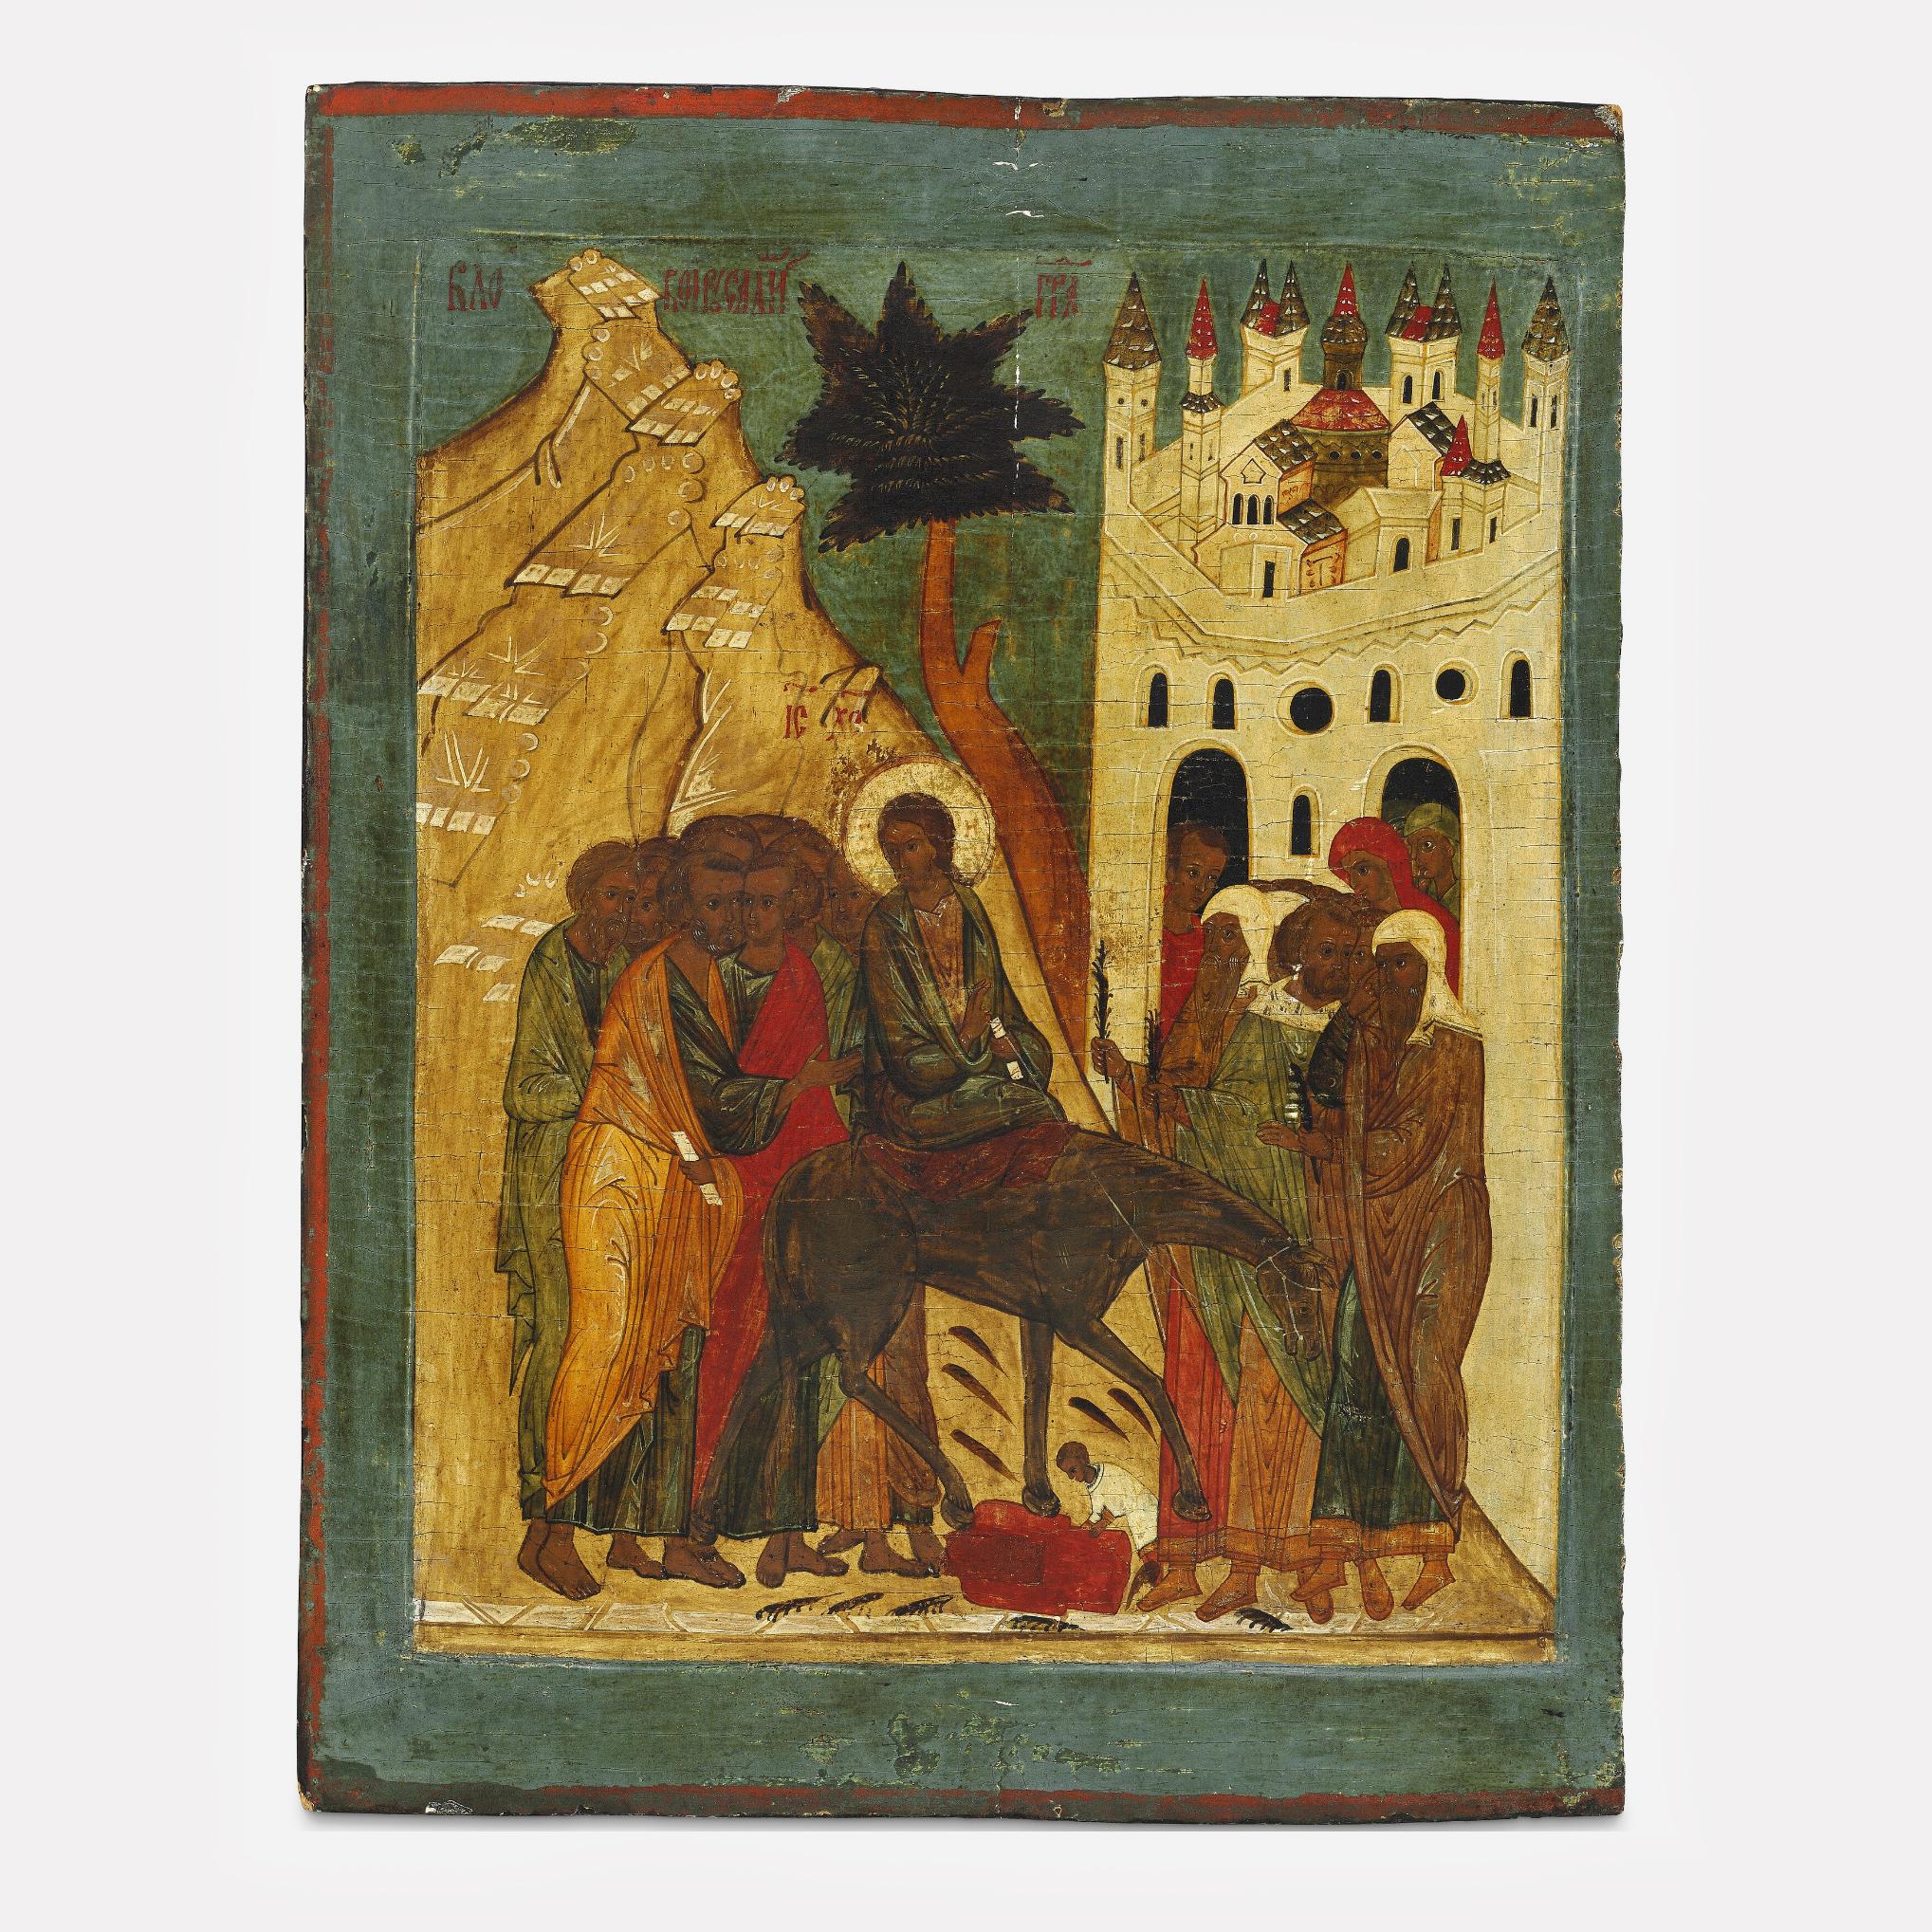 Икона «Вход Господень в Иерусалим», 16 век, Новгородская школа